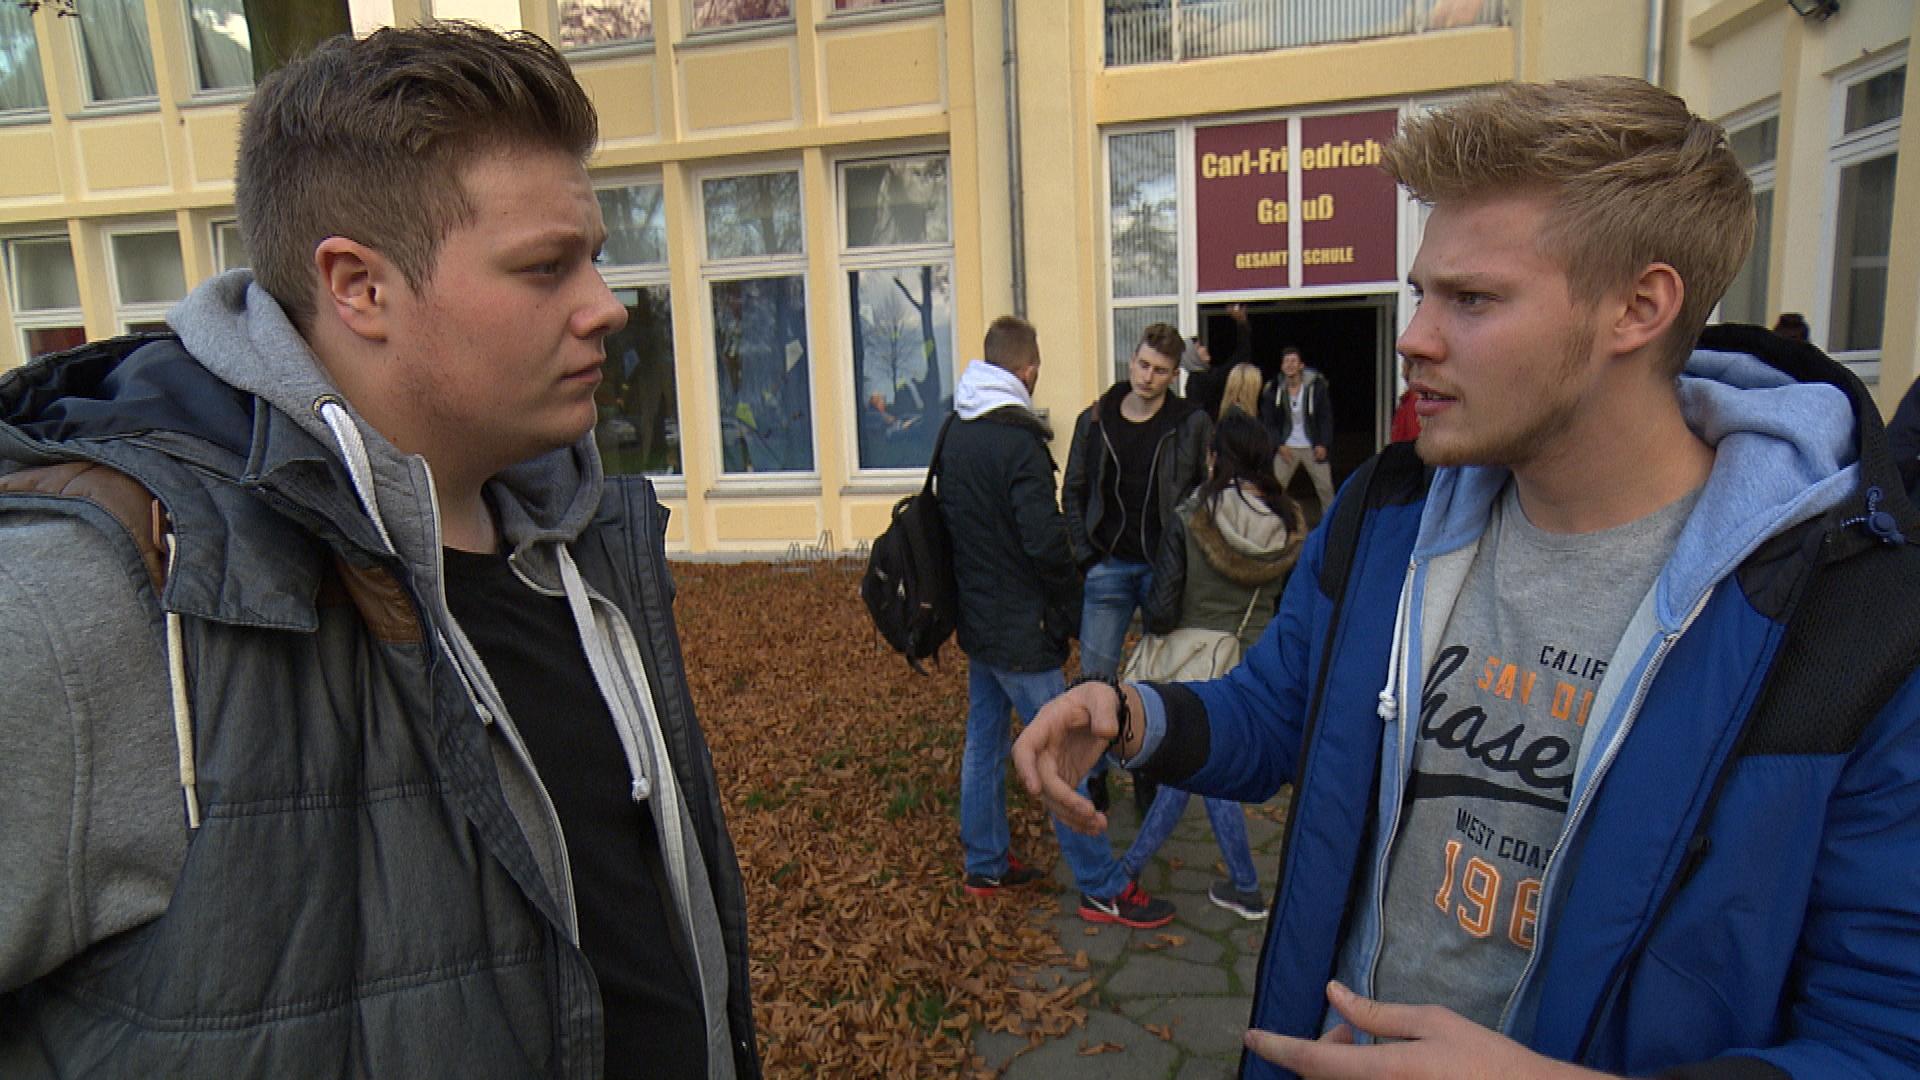 Als sich Paul mit allen anderen Mitschülern über Spargels Jungfräulichkeit lustig macht, hat er später ein schlechtes Gewissen und entschuldigt sich bei dem Schul-Nerd (Quelle: RTL 2)